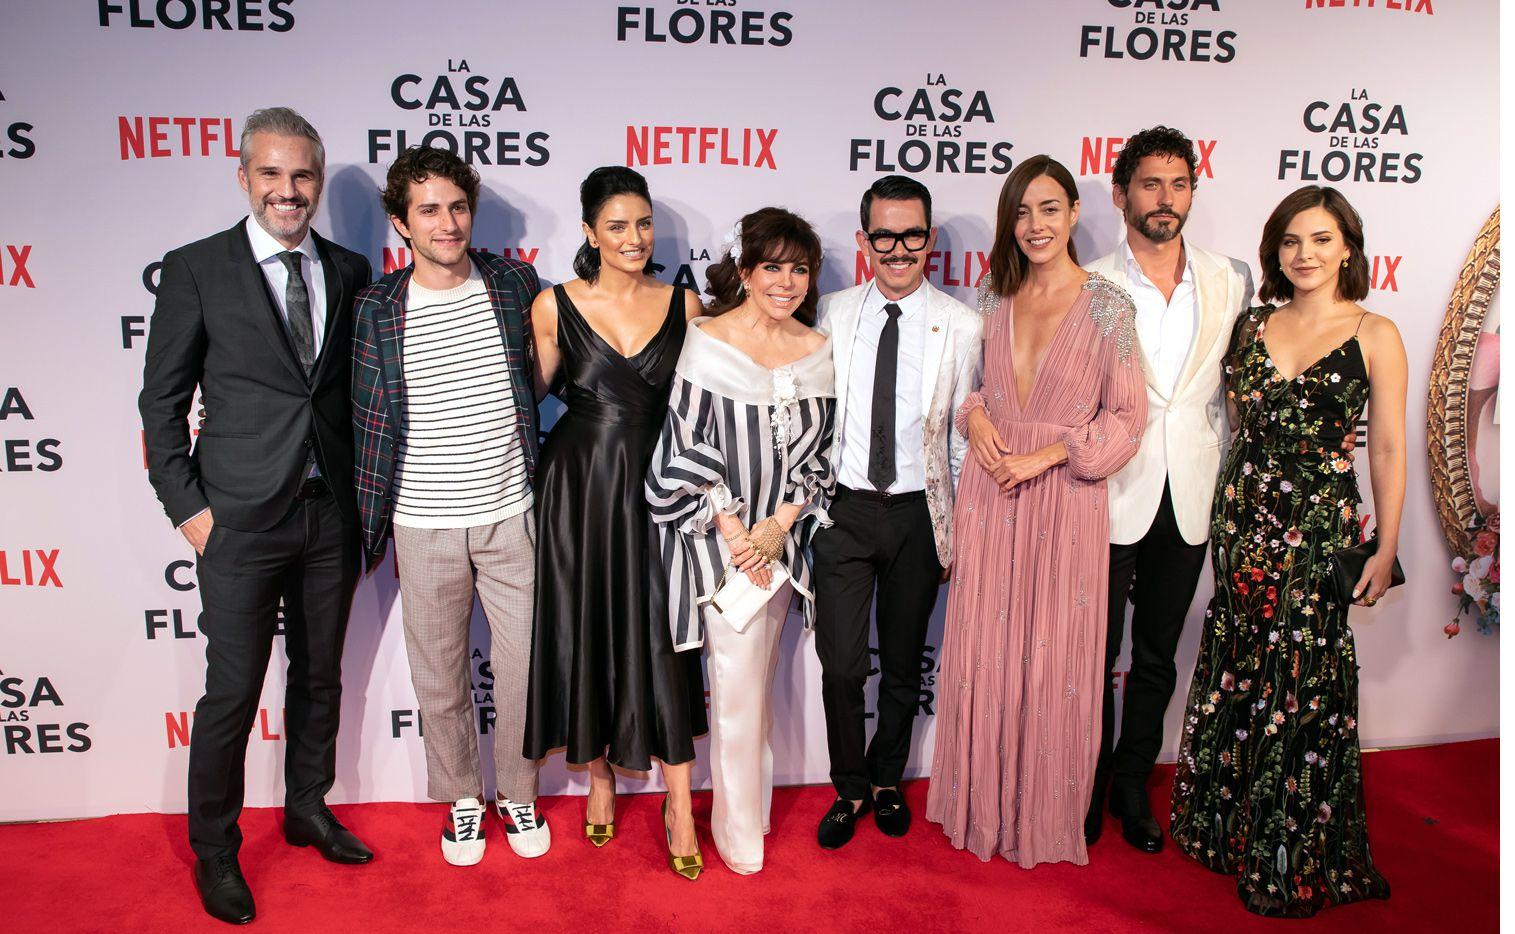 """""""Aquí vamos! Gracias a ustedes La Casa de las Flores 2 -2019- y para sorpresa de todos La Casa de las Flores 3 -2020-"""", tuiteó el director de la serie Manolo Caro./ AGENCIA REFORMA"""